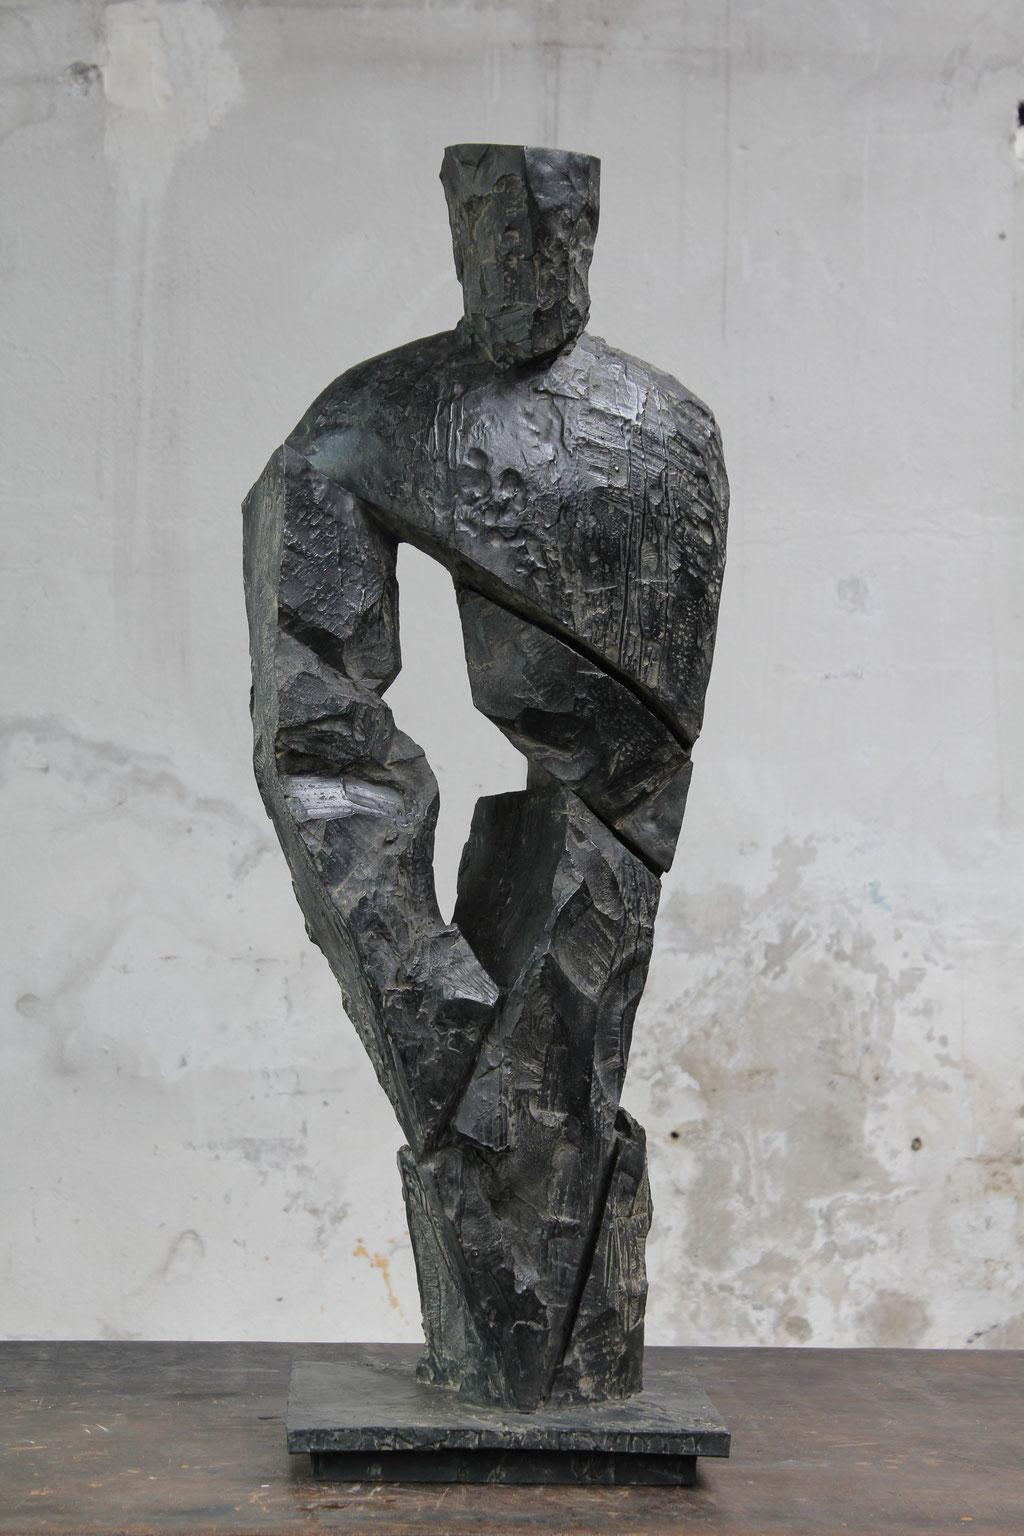 Roi, pièce principale, 2016, bronze, 97 x 34 x 32 cm <br> © Mathilde de Torhout